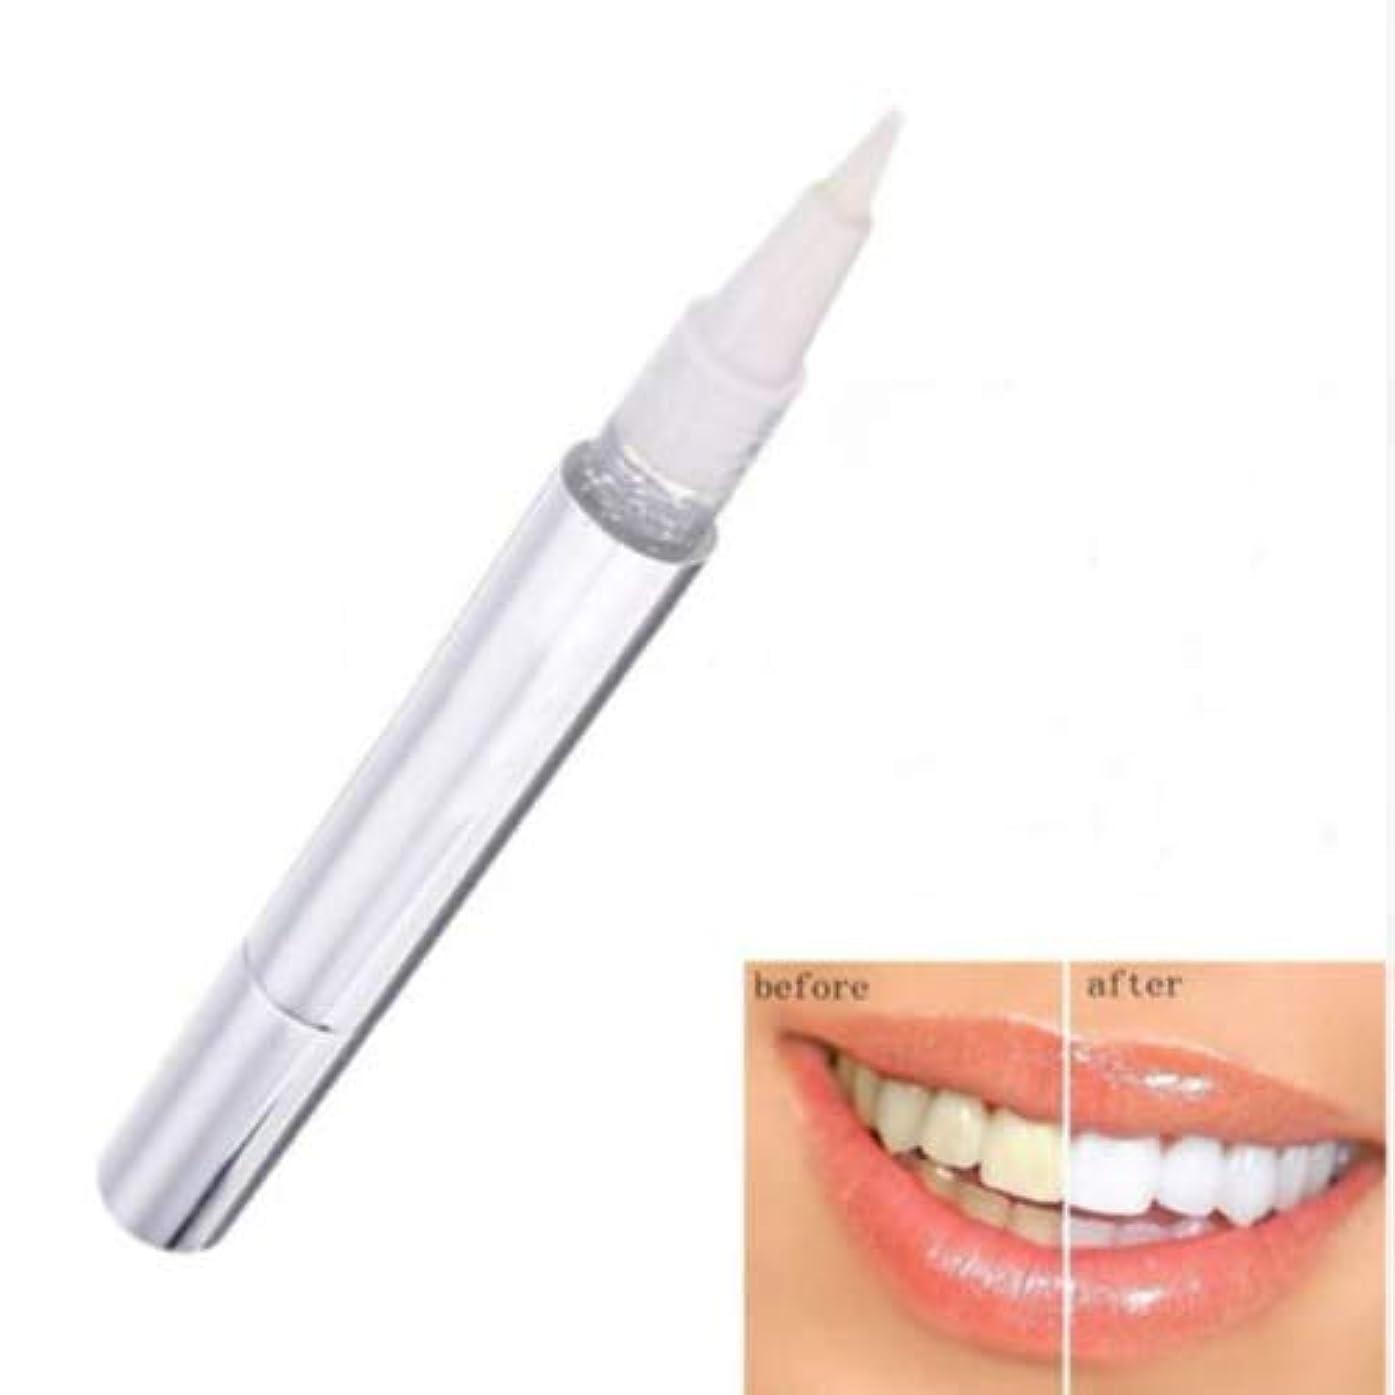 に向けて出発冷酷なブランド歯美白 歯ホワイトニング チャコールホワイトニング 歯ケア 美白歯磨き 歯のホワイトニング 歯マニキュア 歯美白 美白歯磨剤